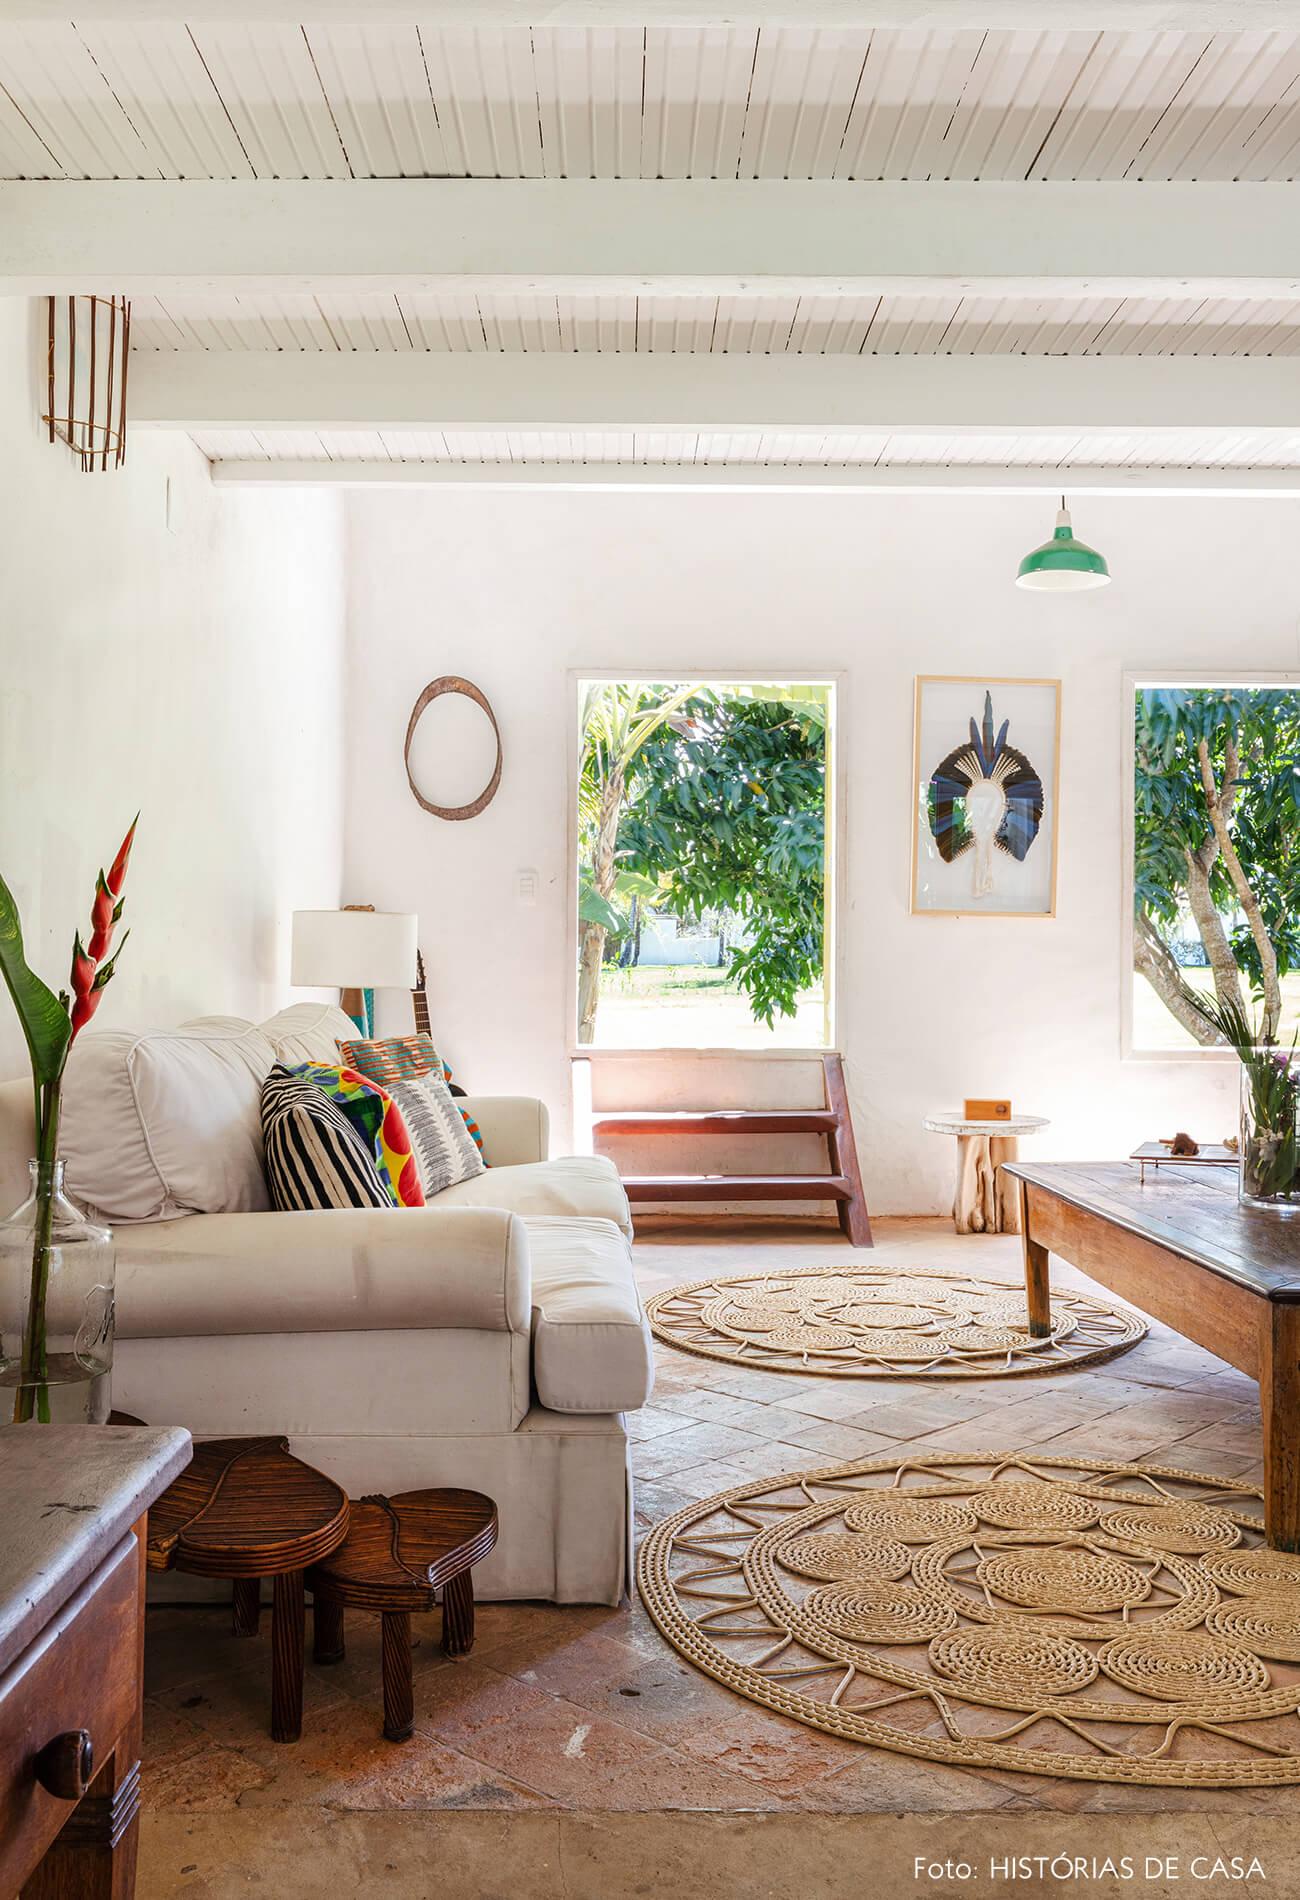 flavia-decoração-trancoso-sala-rustica-com-sofa-branca-e-detalhes-madeira